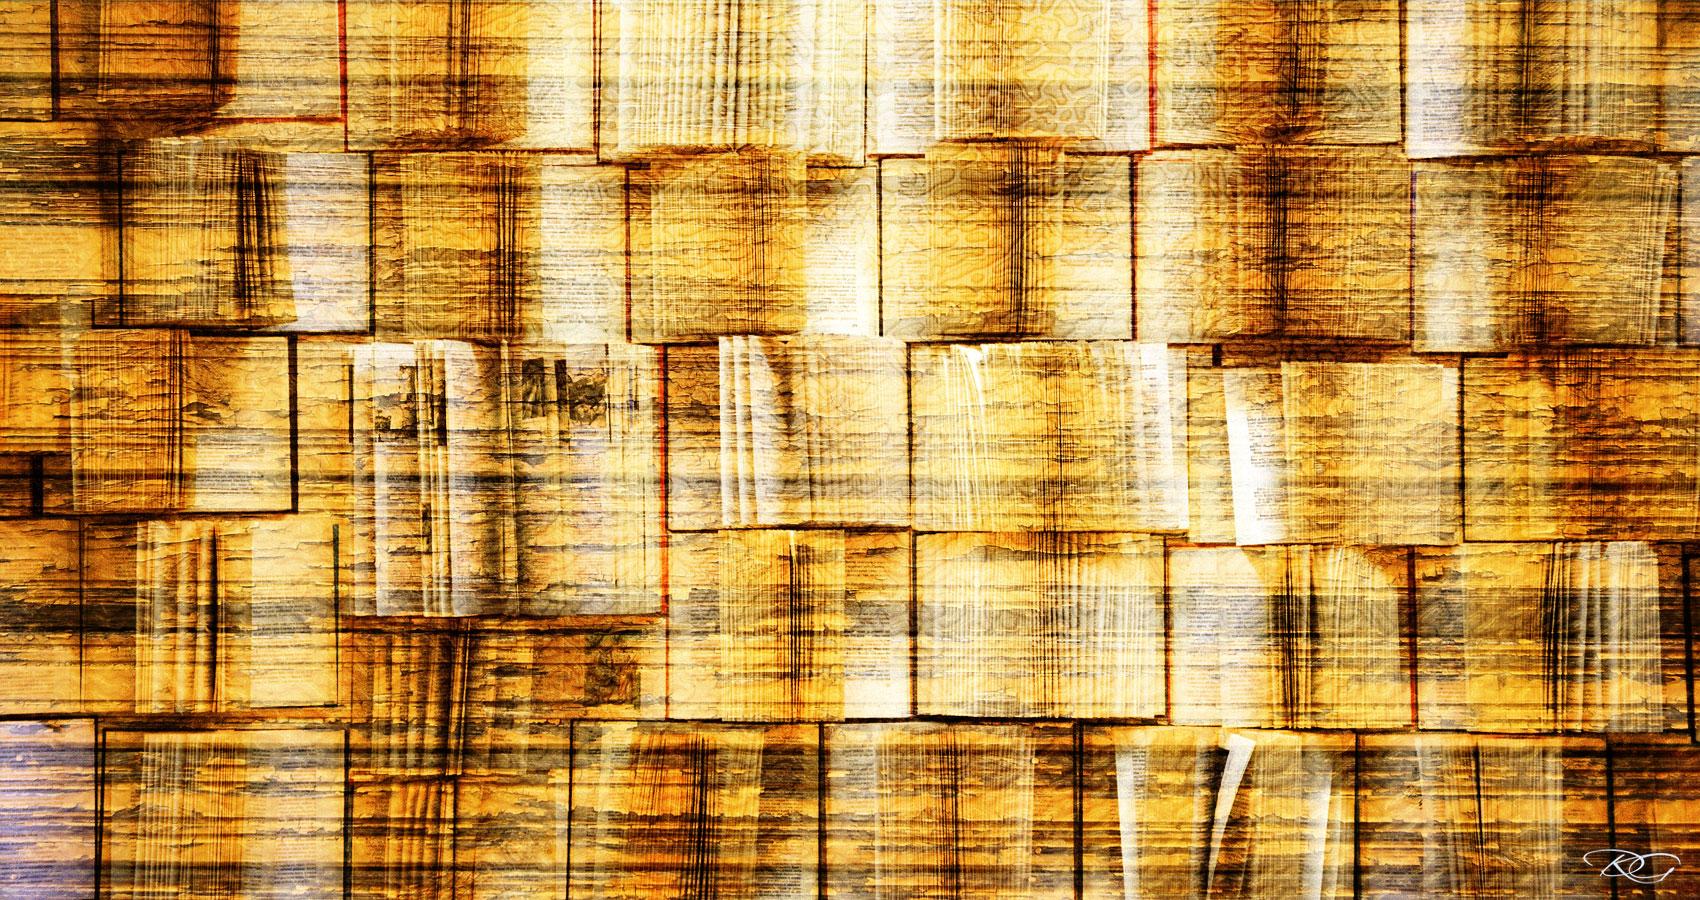 Golden Paradise written by Hongri Yuan at SpillWords.com